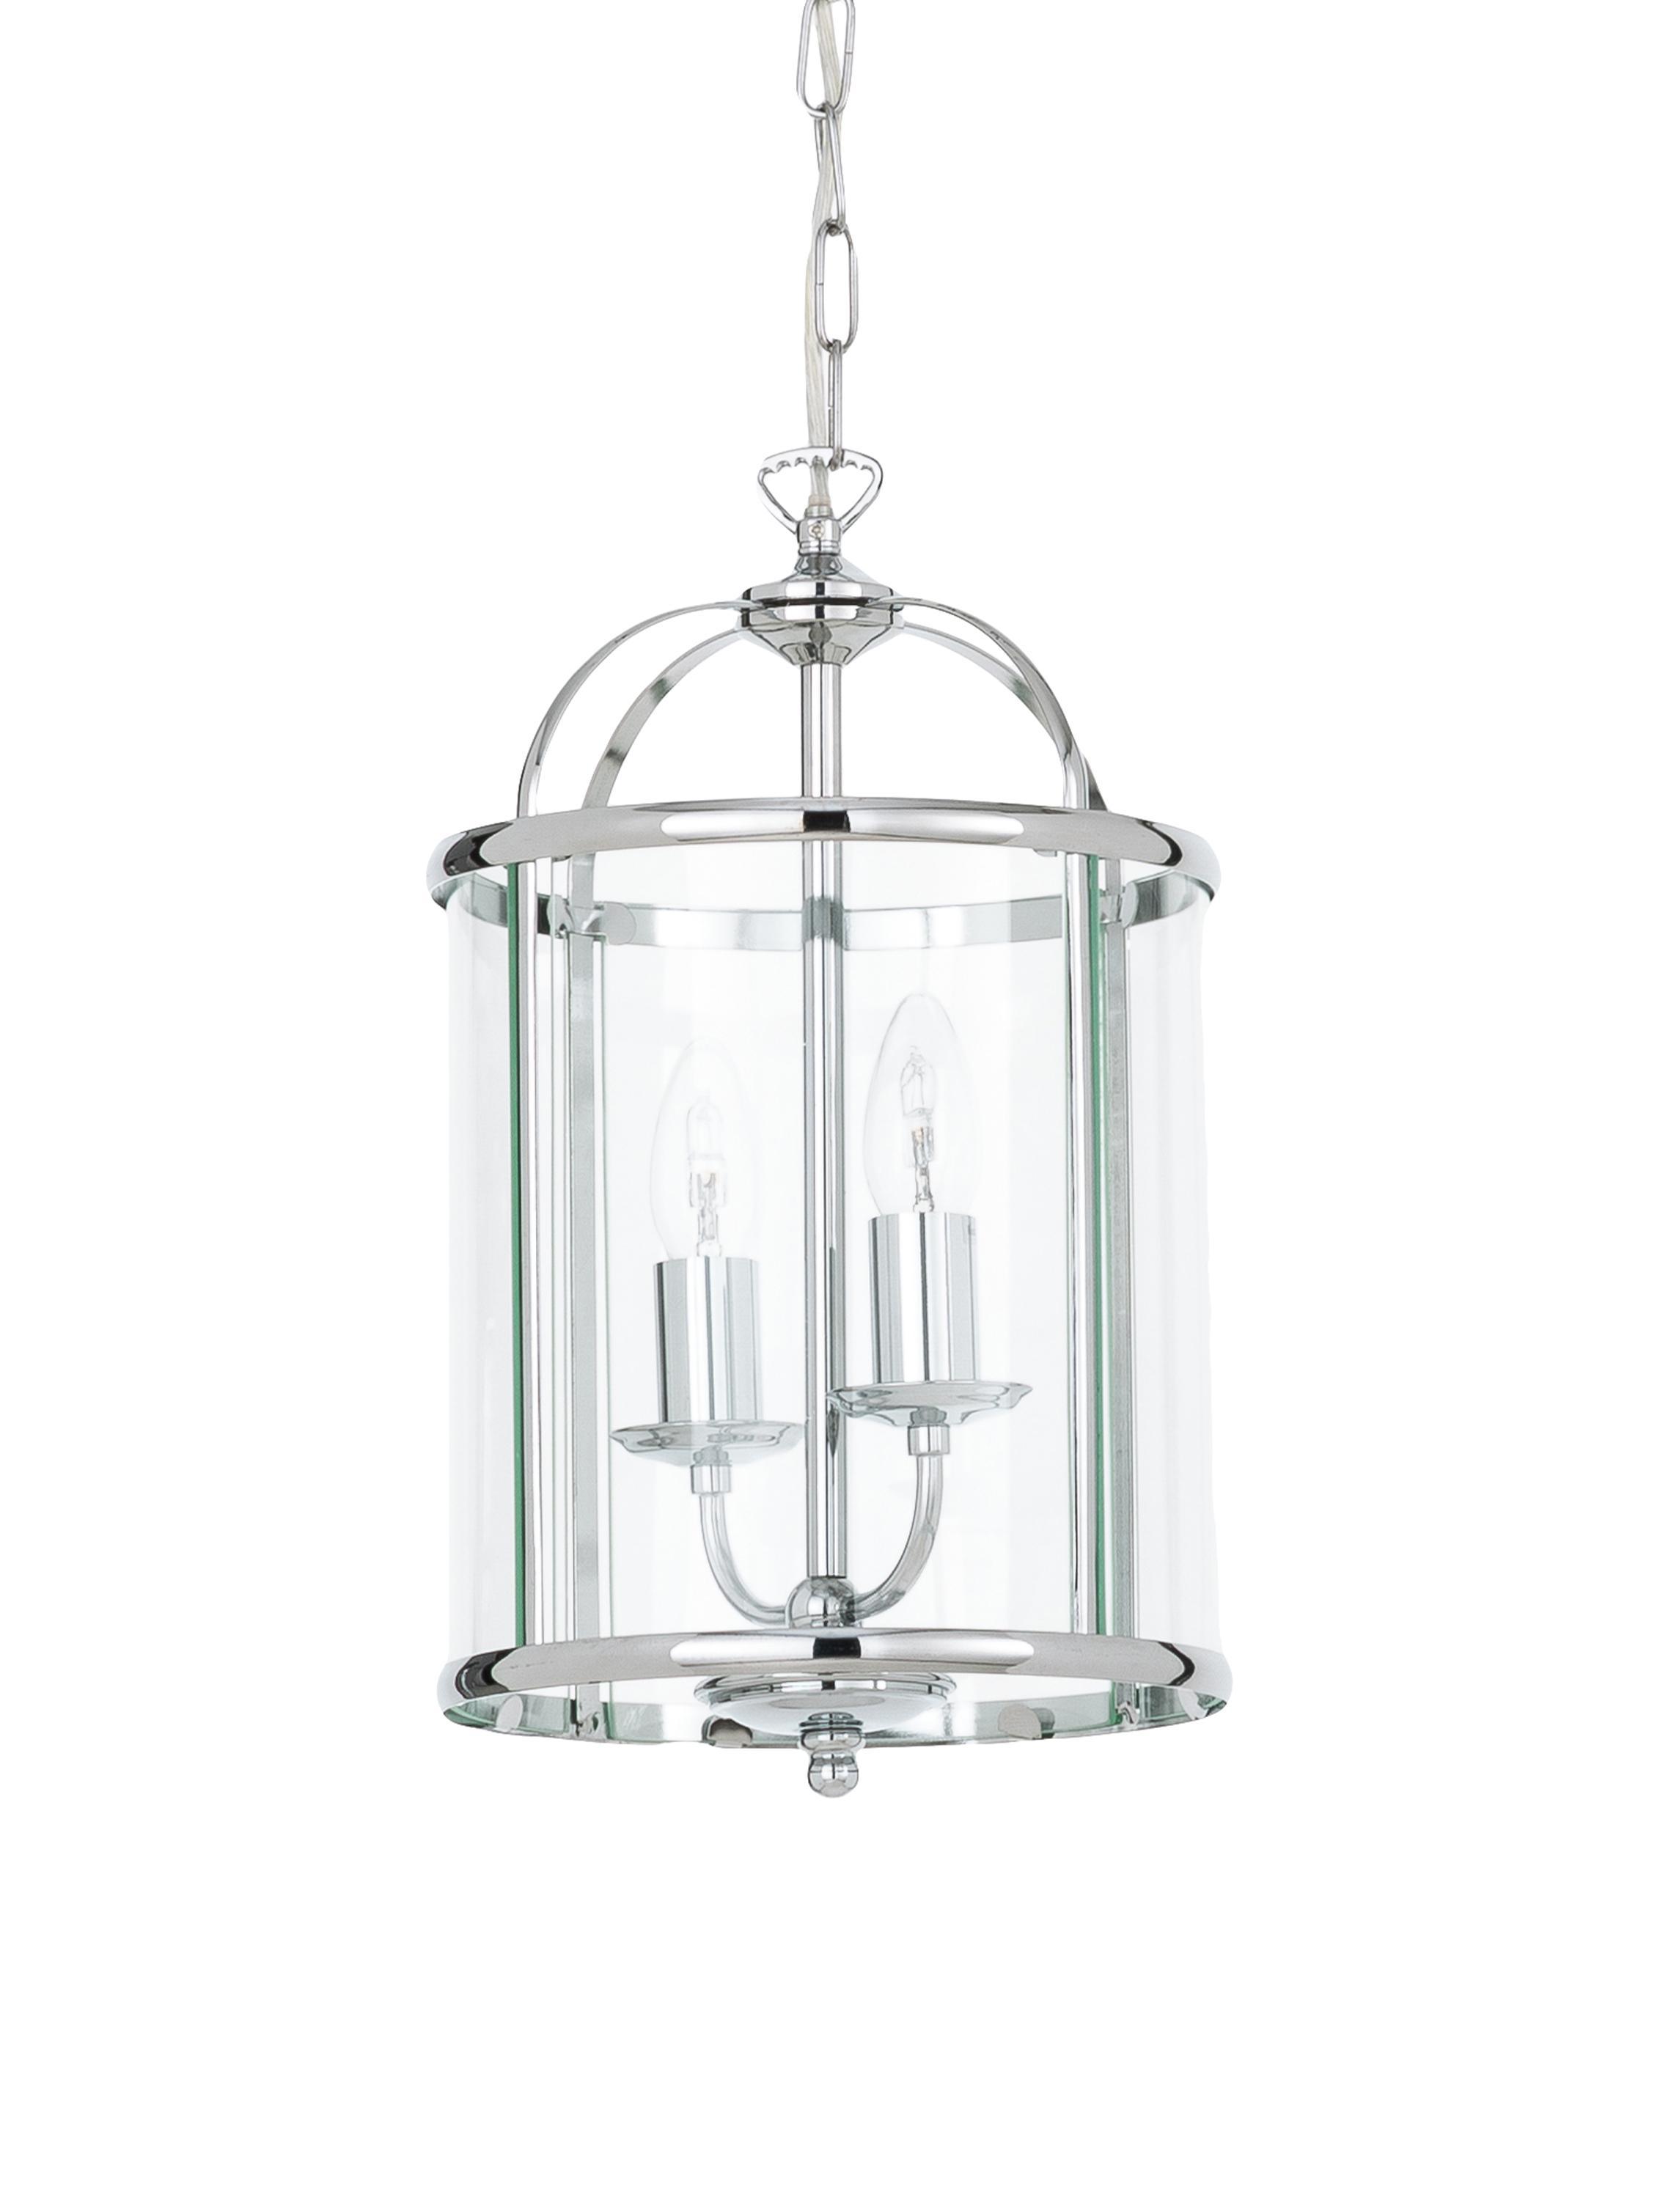 Kleine Pendelleuchte Budgie aus Glas, Lampenschirm: Nickel verchromt, Glas, Baldachin: Nickel, verchromt, Chrom, Transparent, Ø 23 x H 41 cm